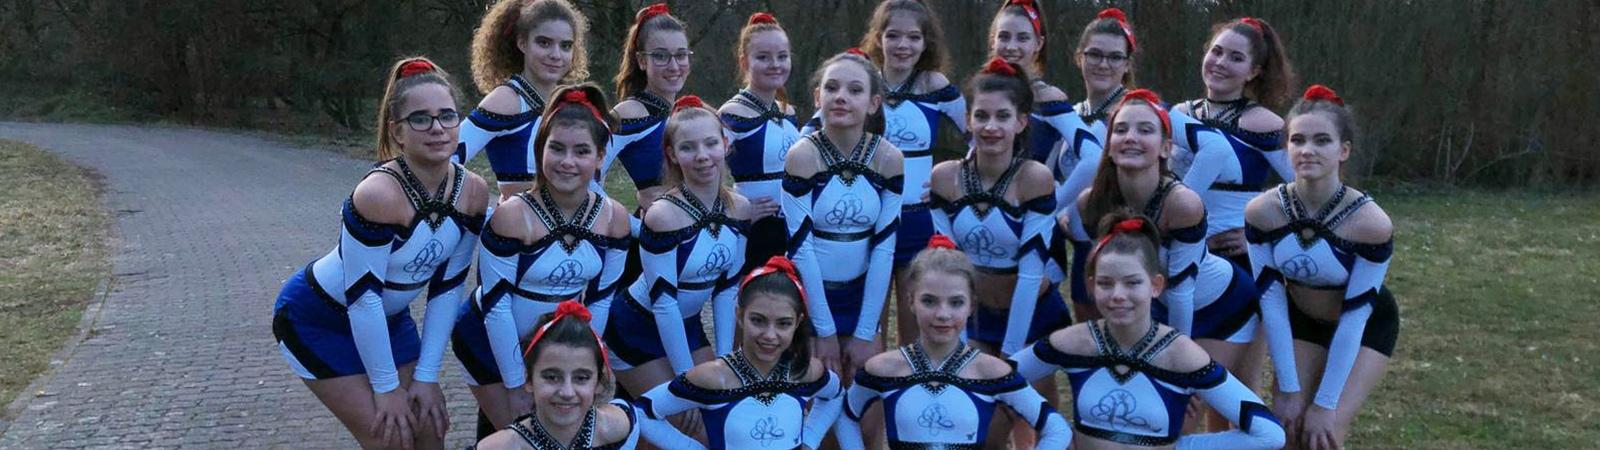 Cheerleading der TSG Weinheim